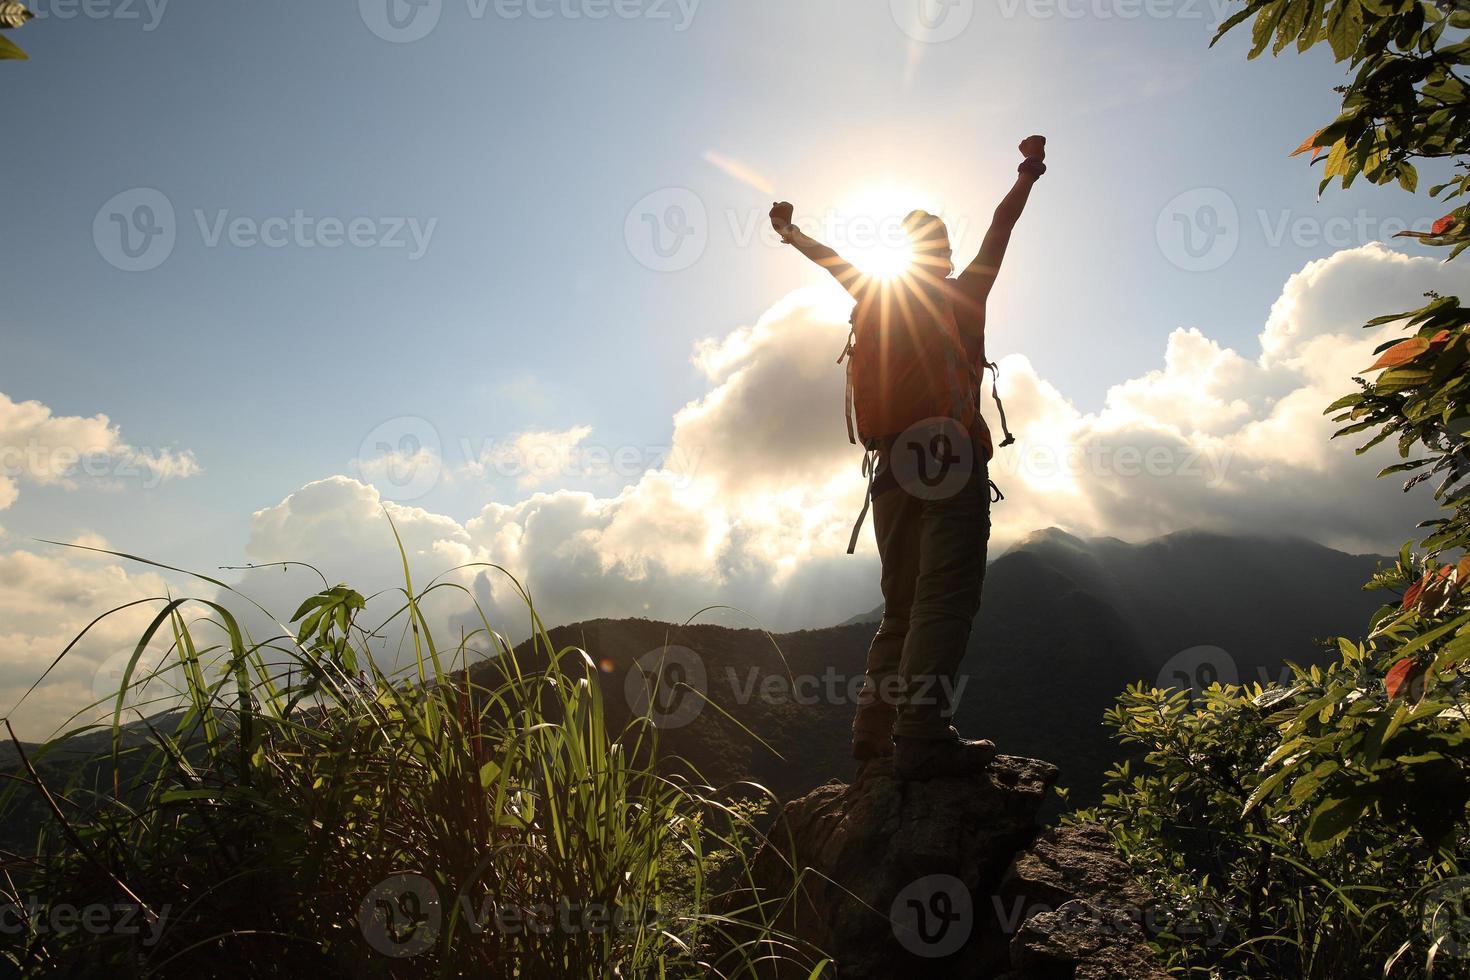 jublande kvinna vandrare öppna armar på bergstopp klippan foto